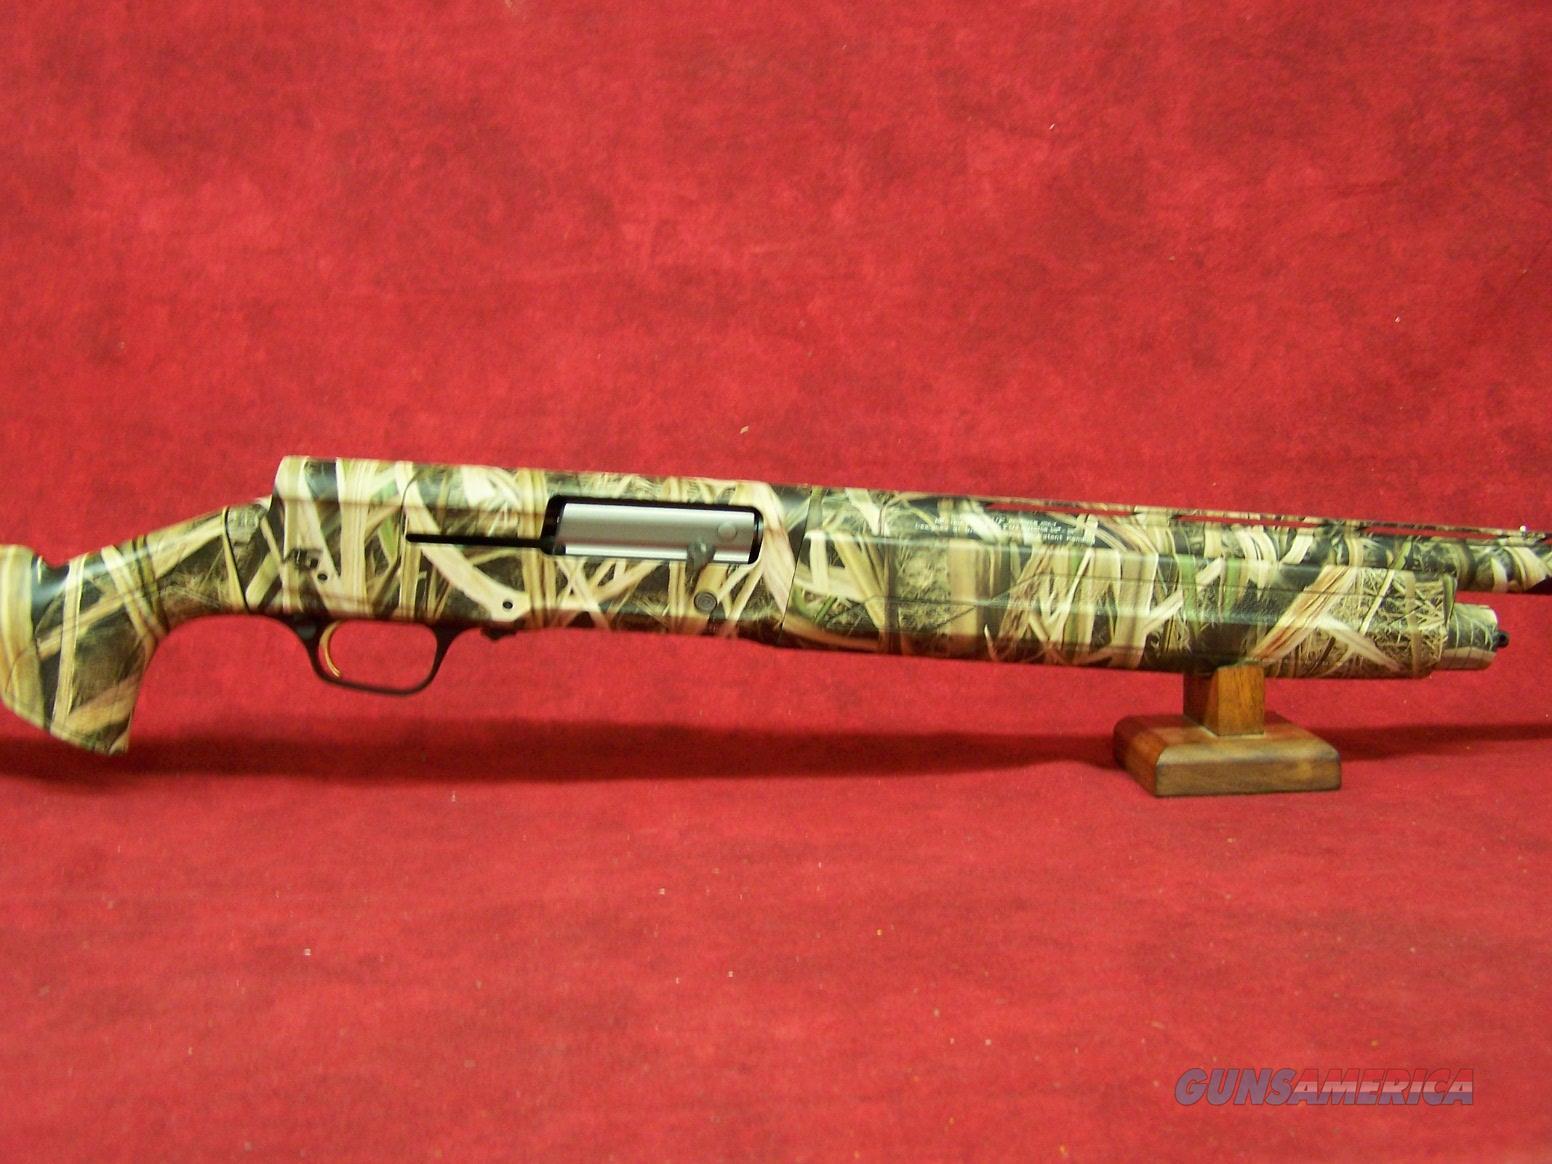 """Browning A5 12ga Mossy Oak Shadow Grass Blades 28"""" Barrel (0118182004)  Guns > Shotguns > Browning Shotguns > Autoloaders > Hunting"""